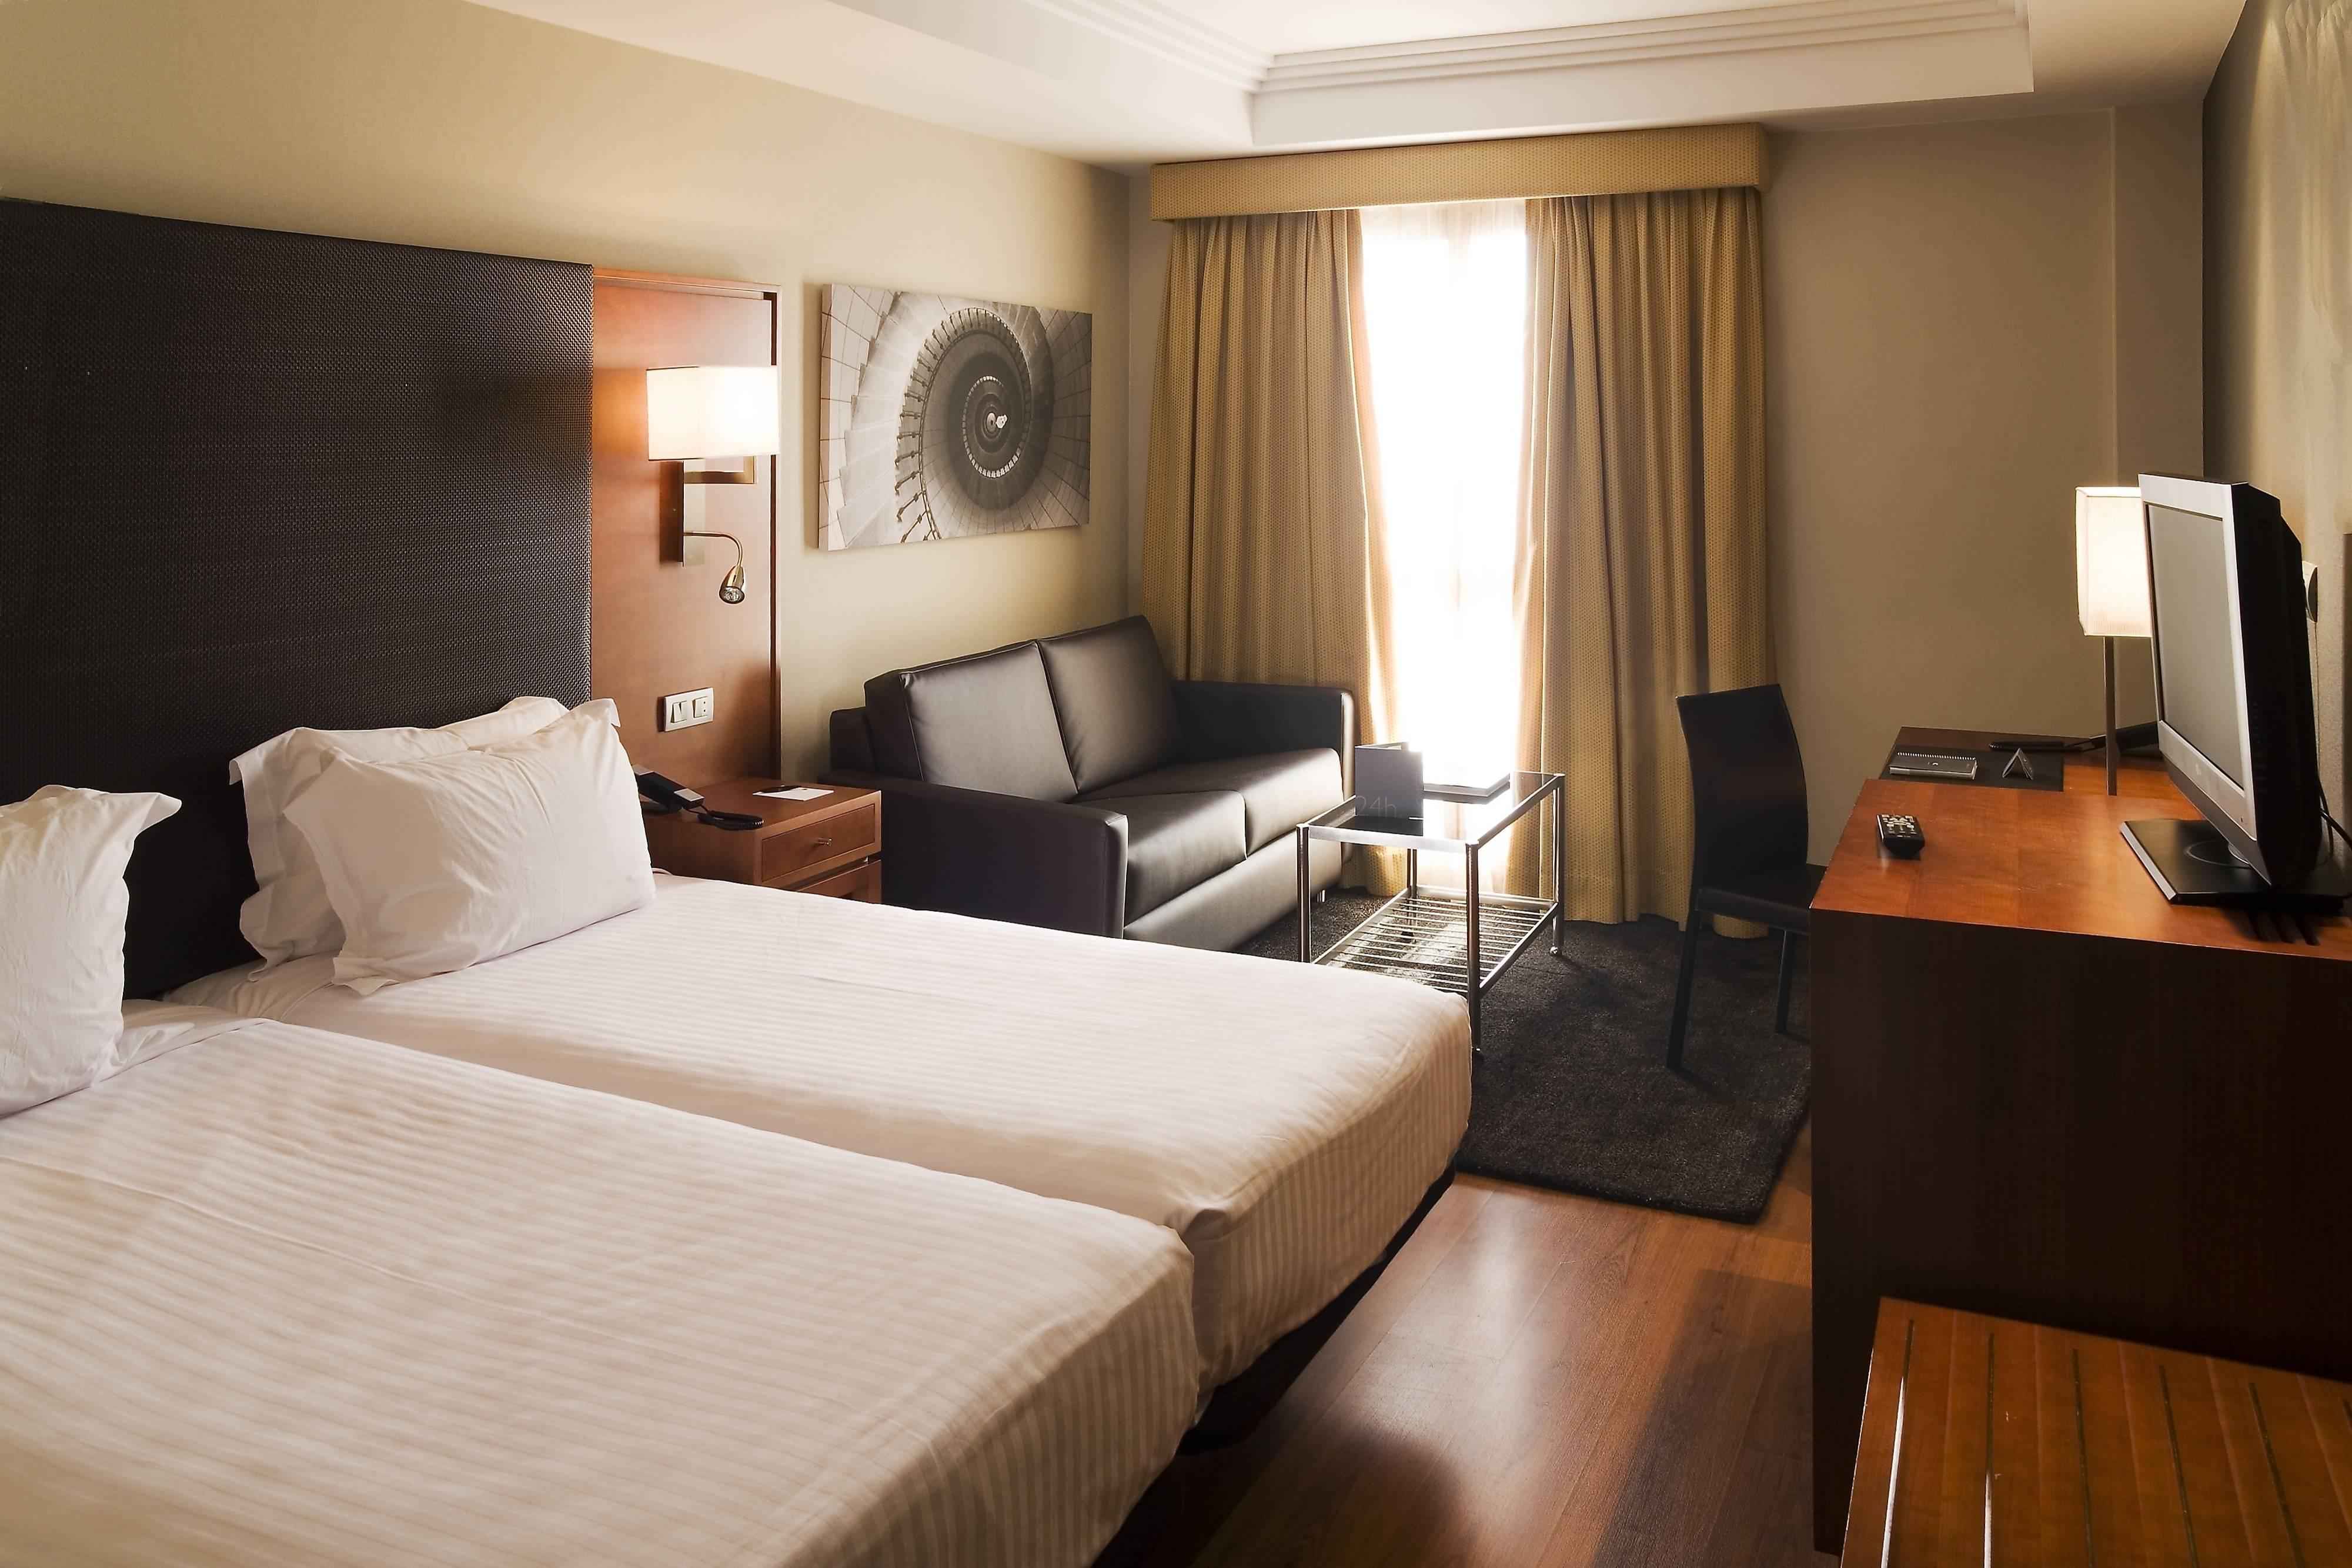 Chambres de l'hôtel Almeria